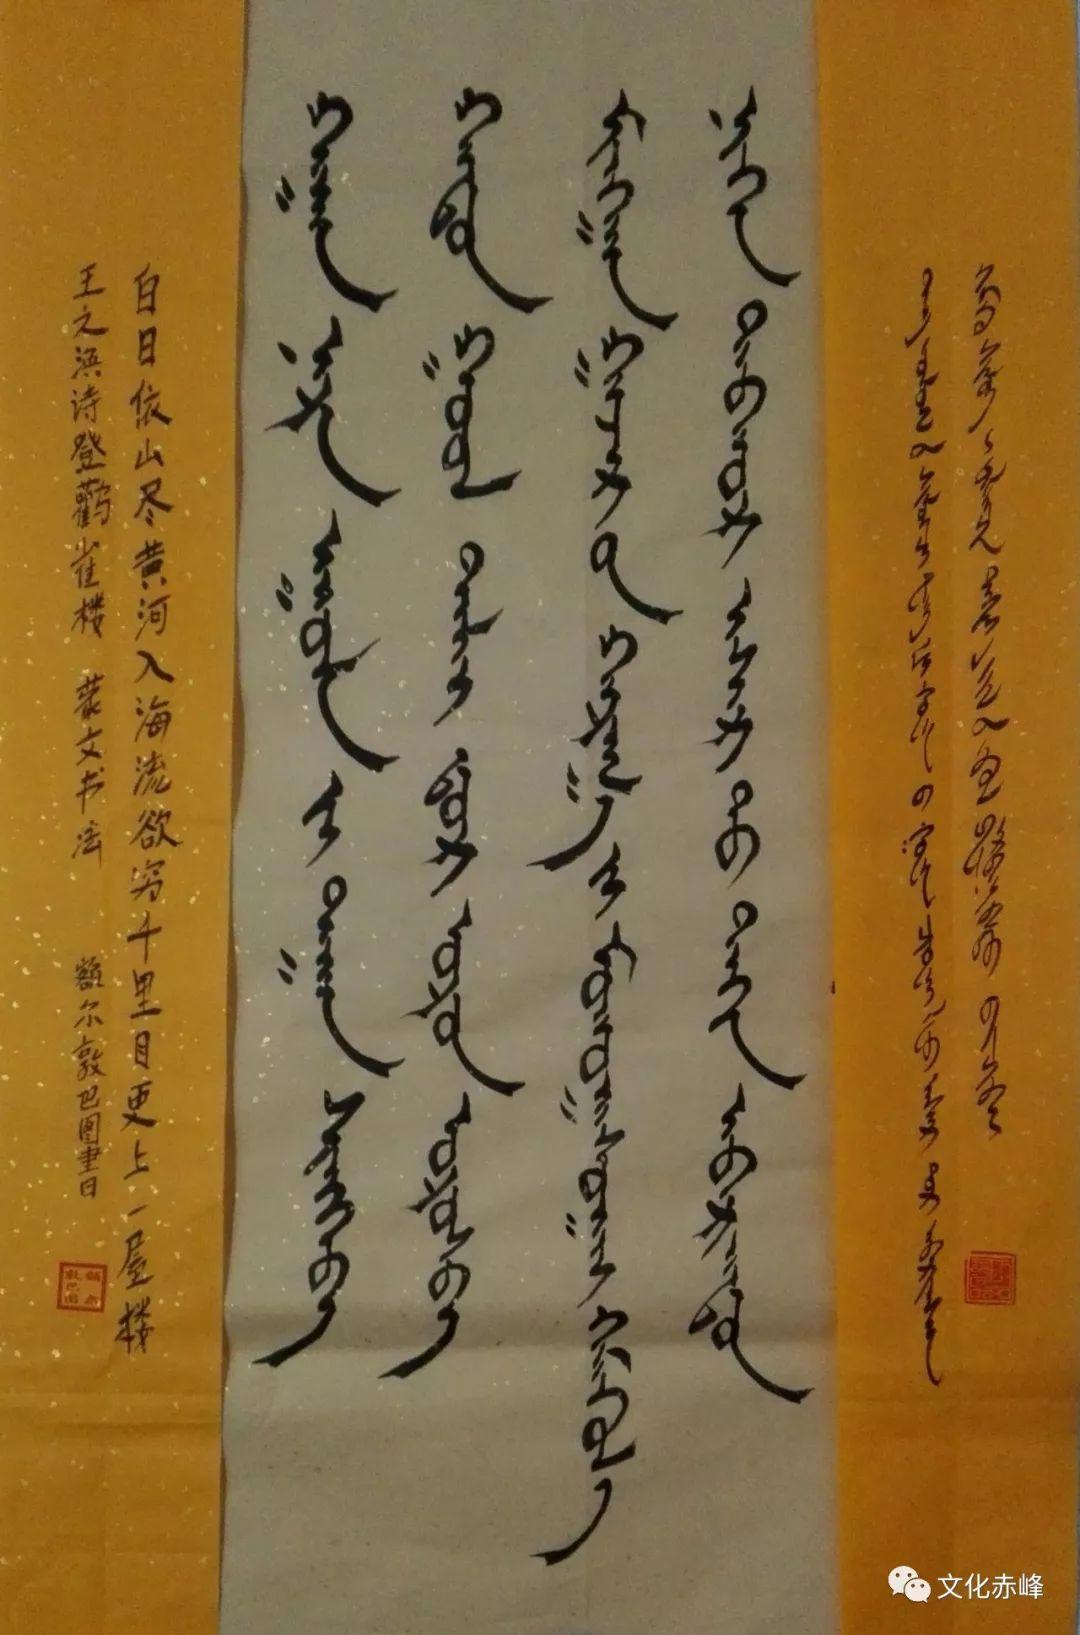 【文化赤峰】额尔敦巴图蒙古文书法作品欣赏! 第11张 【文化赤峰】额尔敦巴图蒙古文书法作品欣赏! 蒙古书法